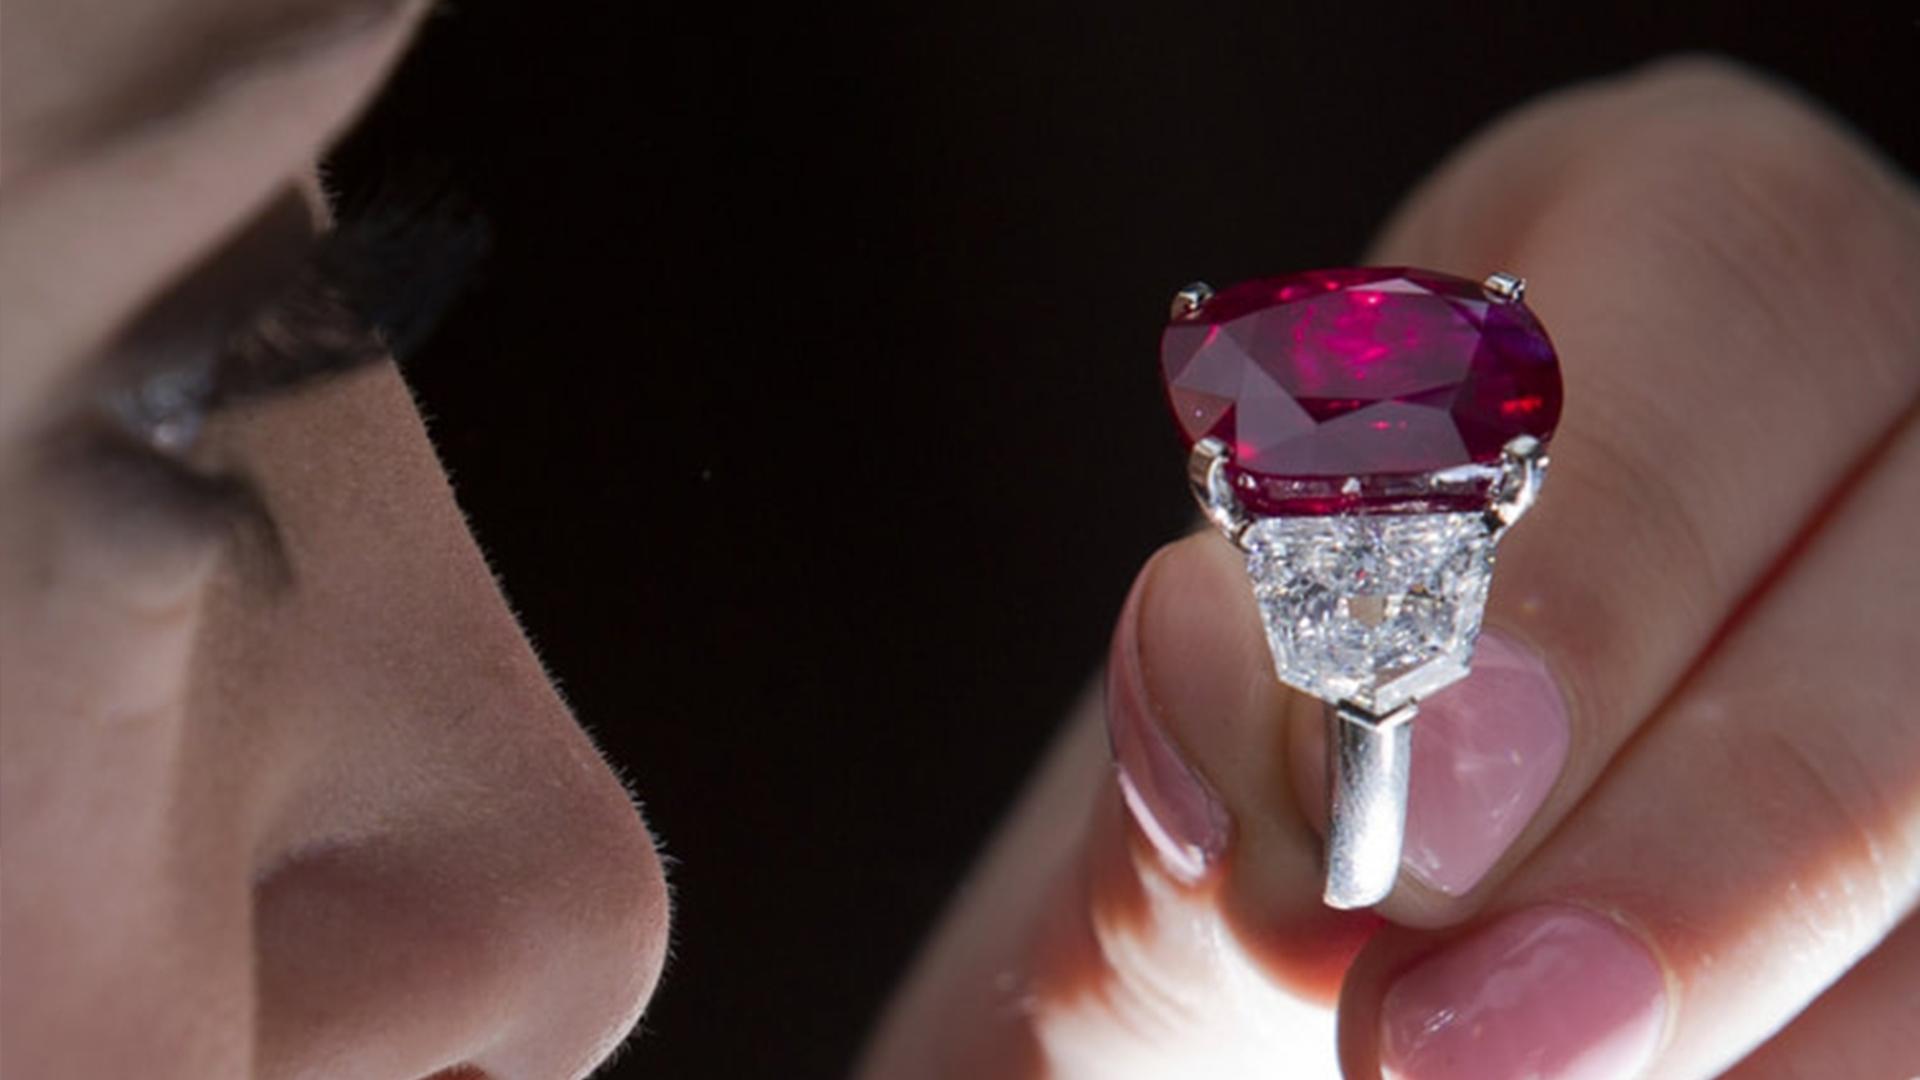 Τα πιο ακριβά κοσμήματα του κόσμου